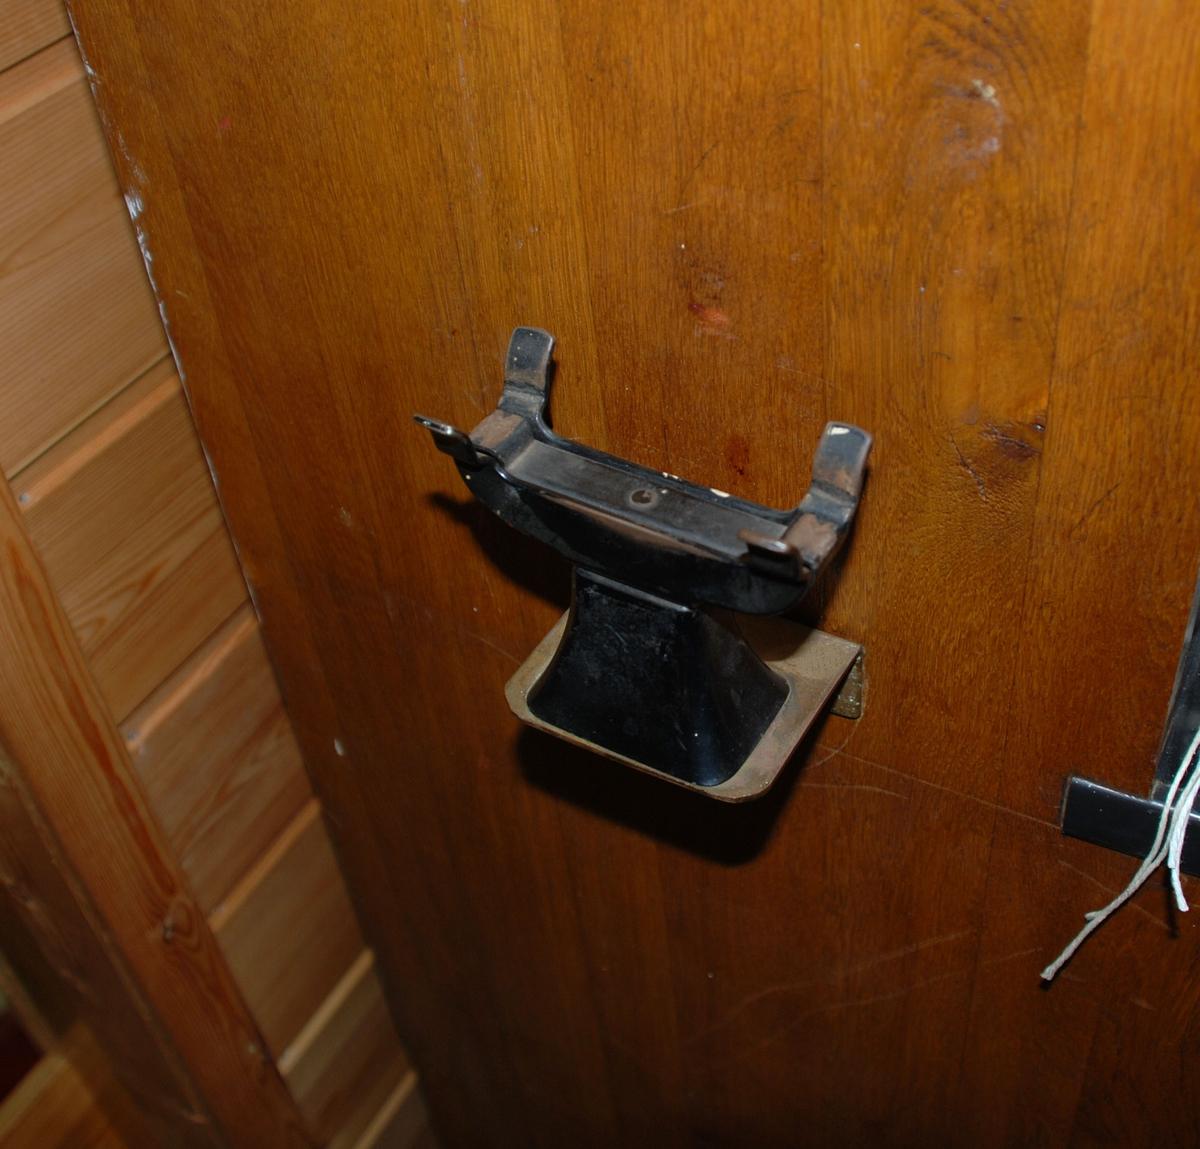 Sentralbord med koblingspanel der telefonsamtaler kobles ved hjelp av kabler med plugg. Står på gulvet og betjenes av en person. Kapasitet 40 linjer, for magnettelefon. 5 snorer med rød plast. 5 snorer med blå plast. 5 sorte pendler.